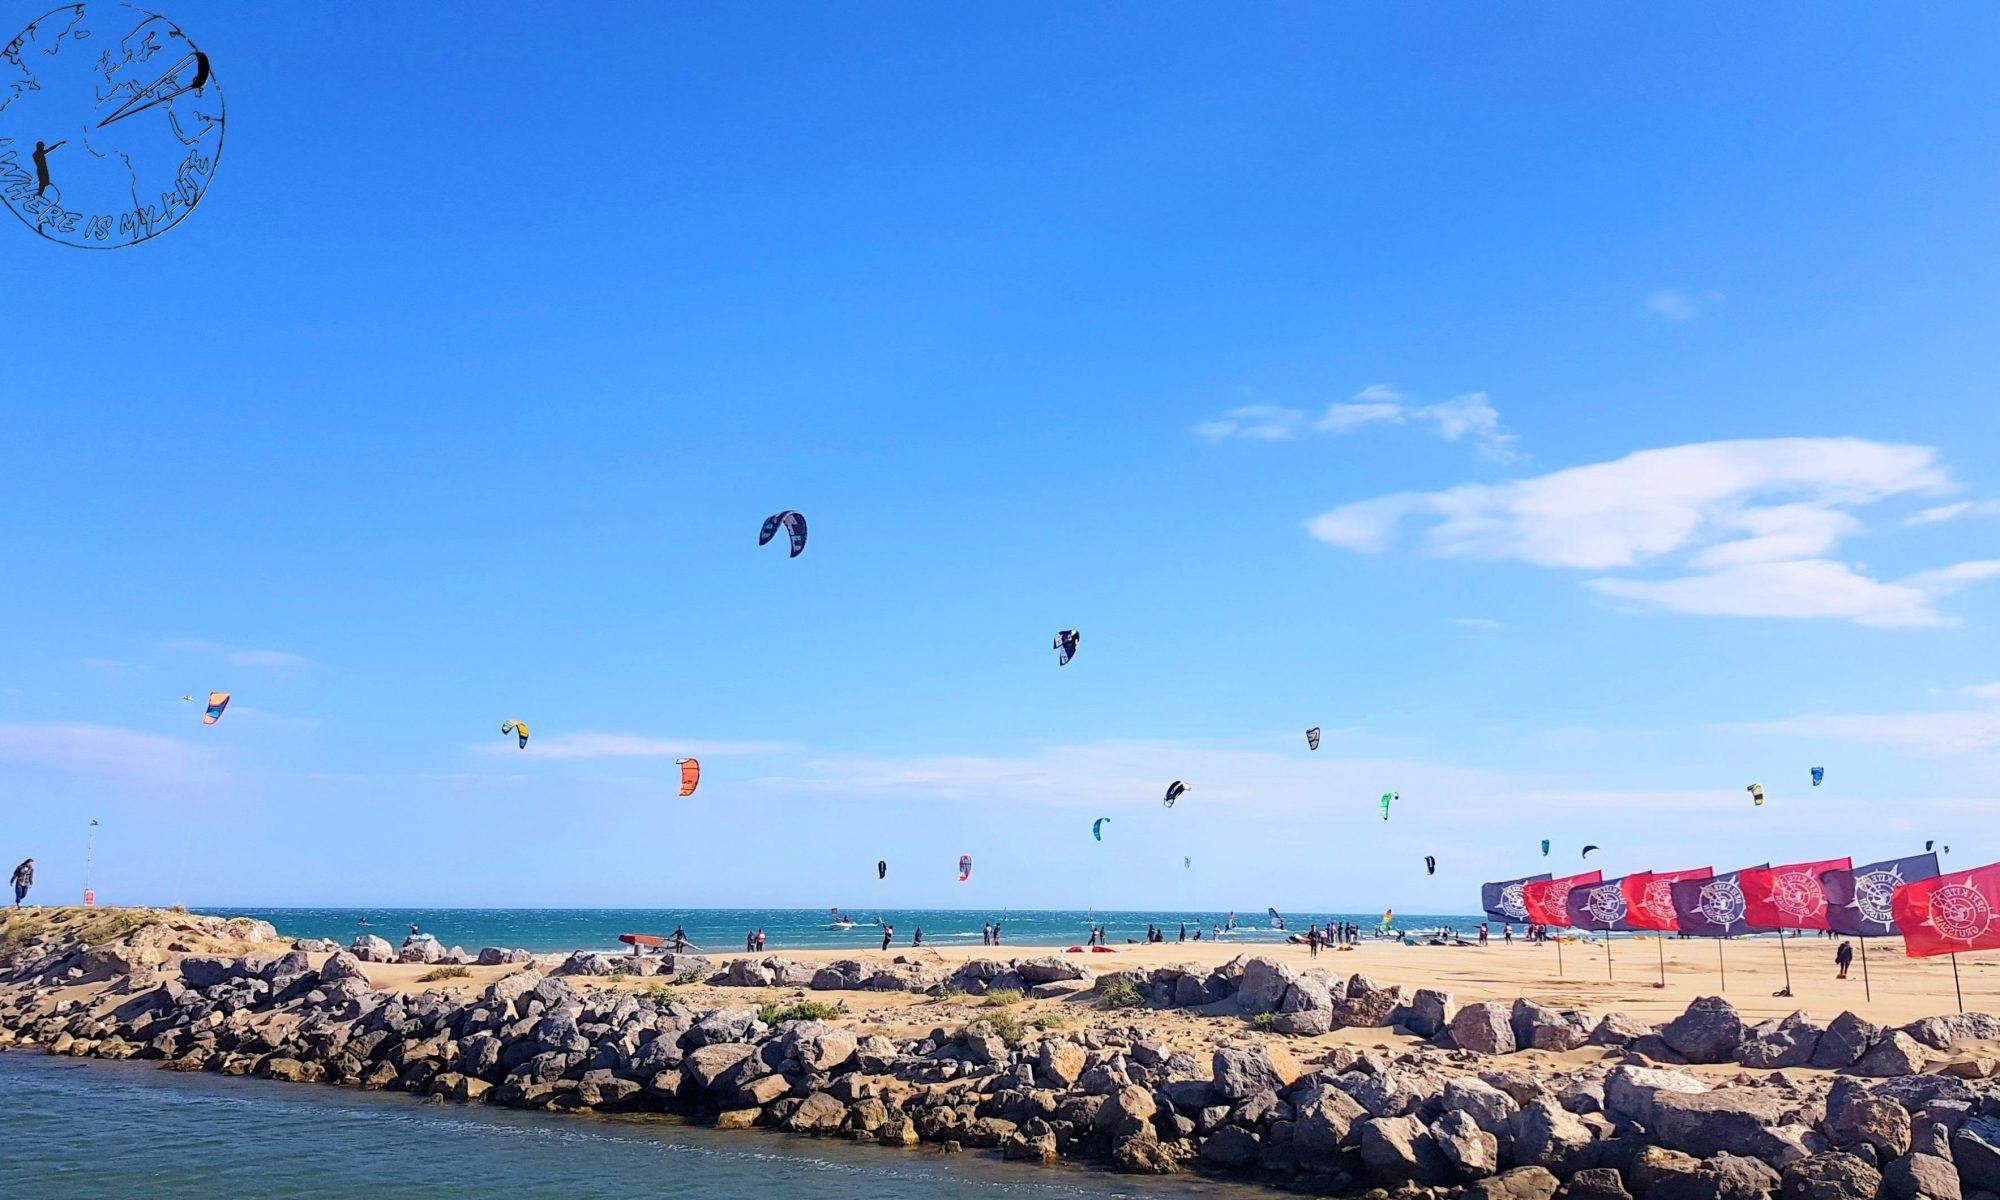 Défi kite à Gruissan France spot de kite, compétition de kitesurf